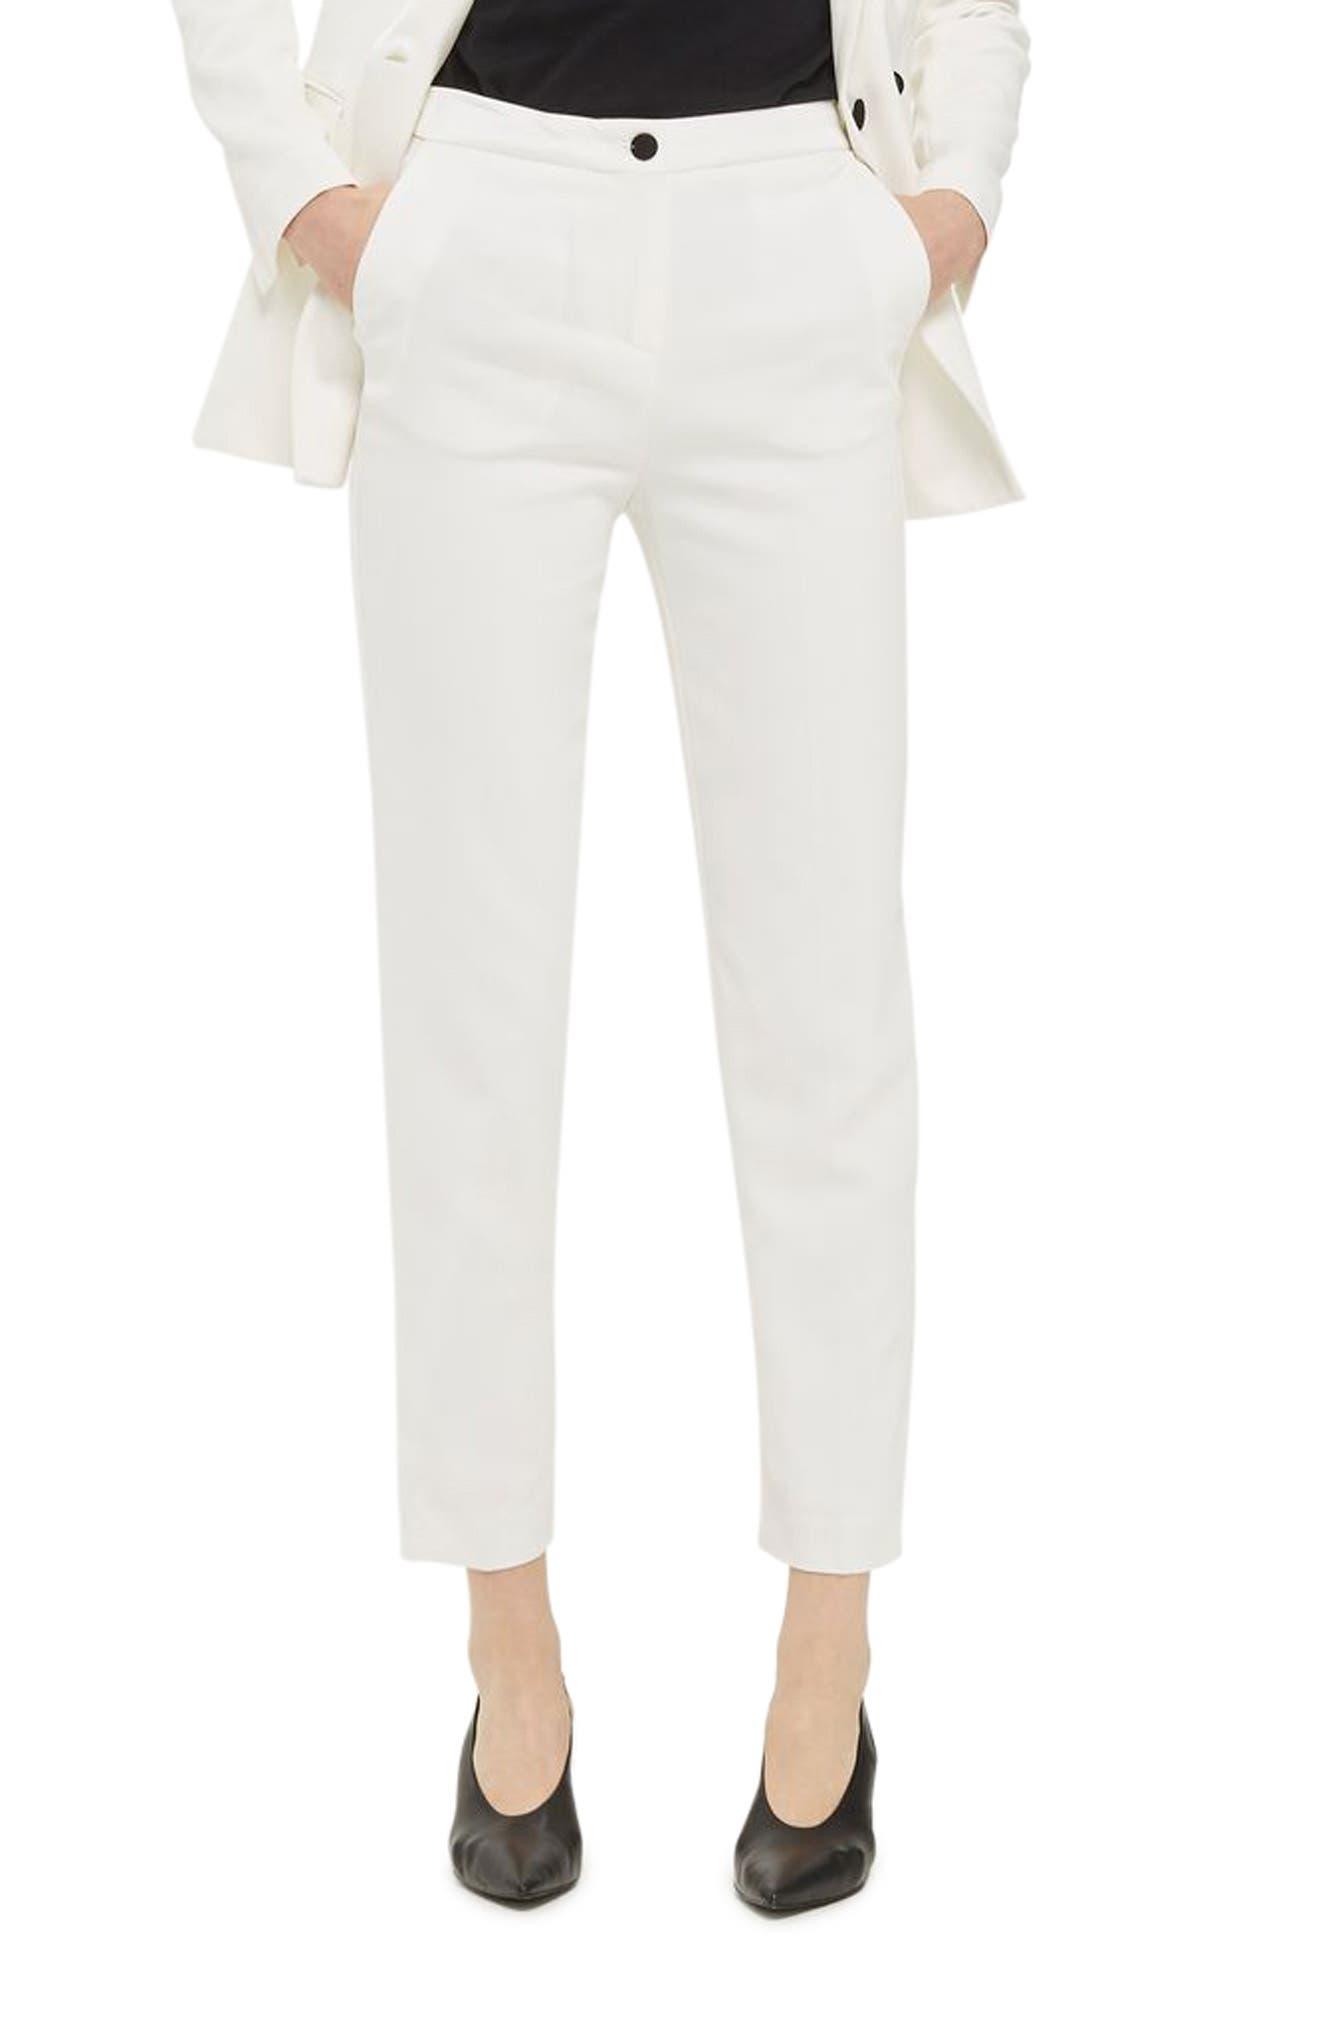 Main Image - Topshop Tux Suit Trousers